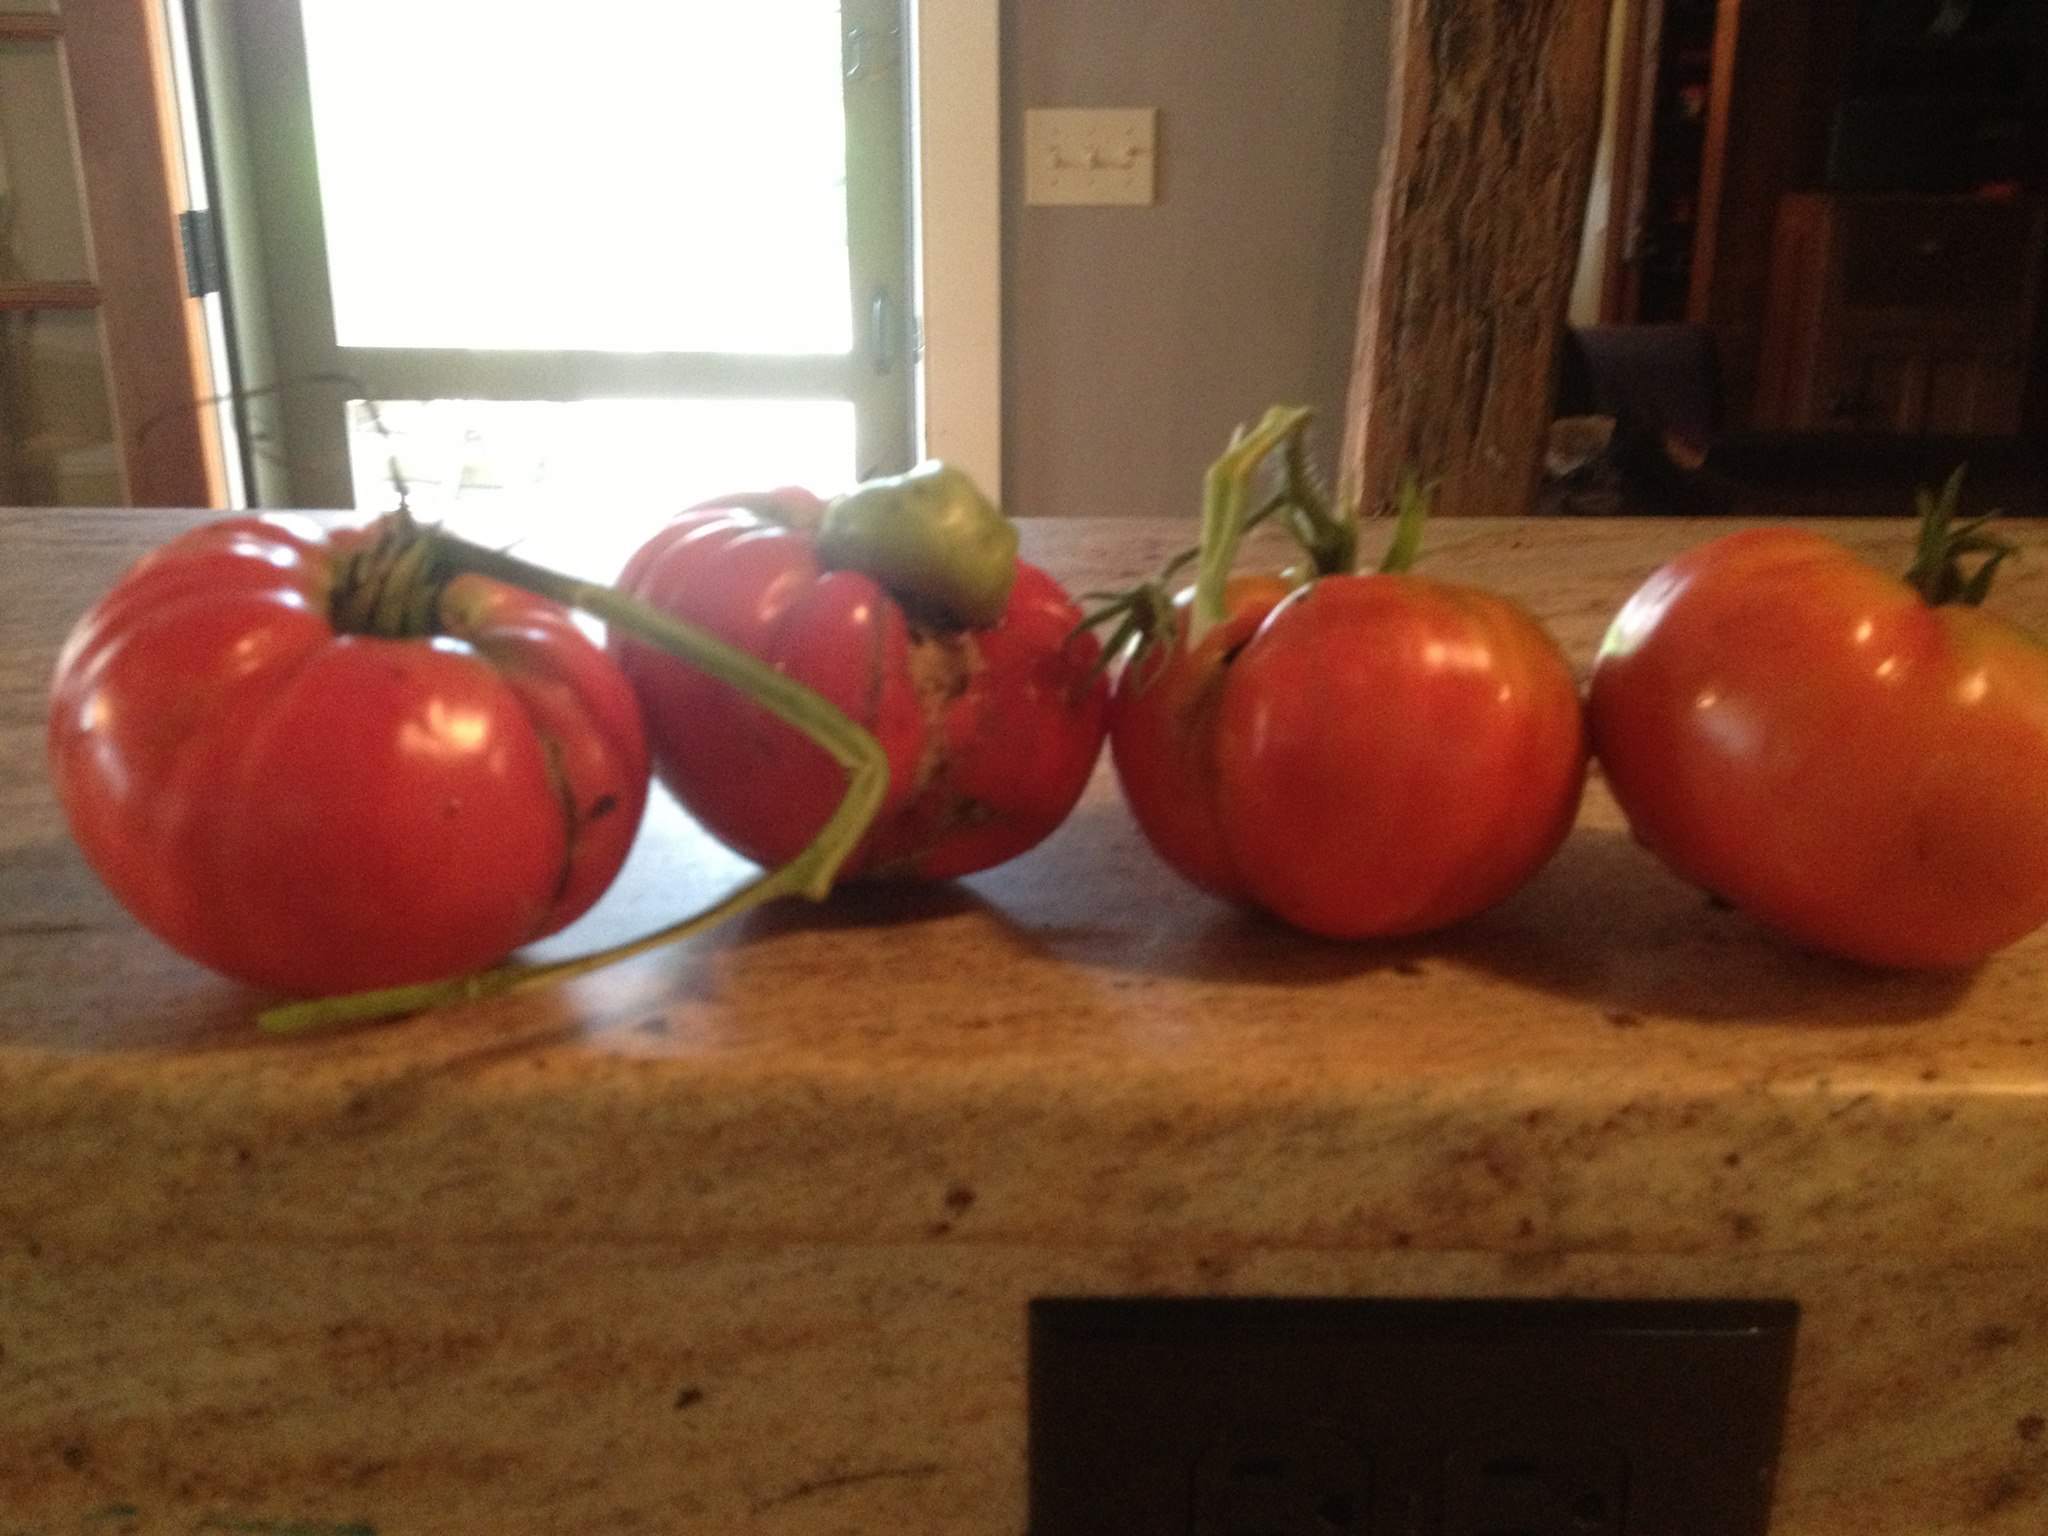 When The Last Tomato Falls